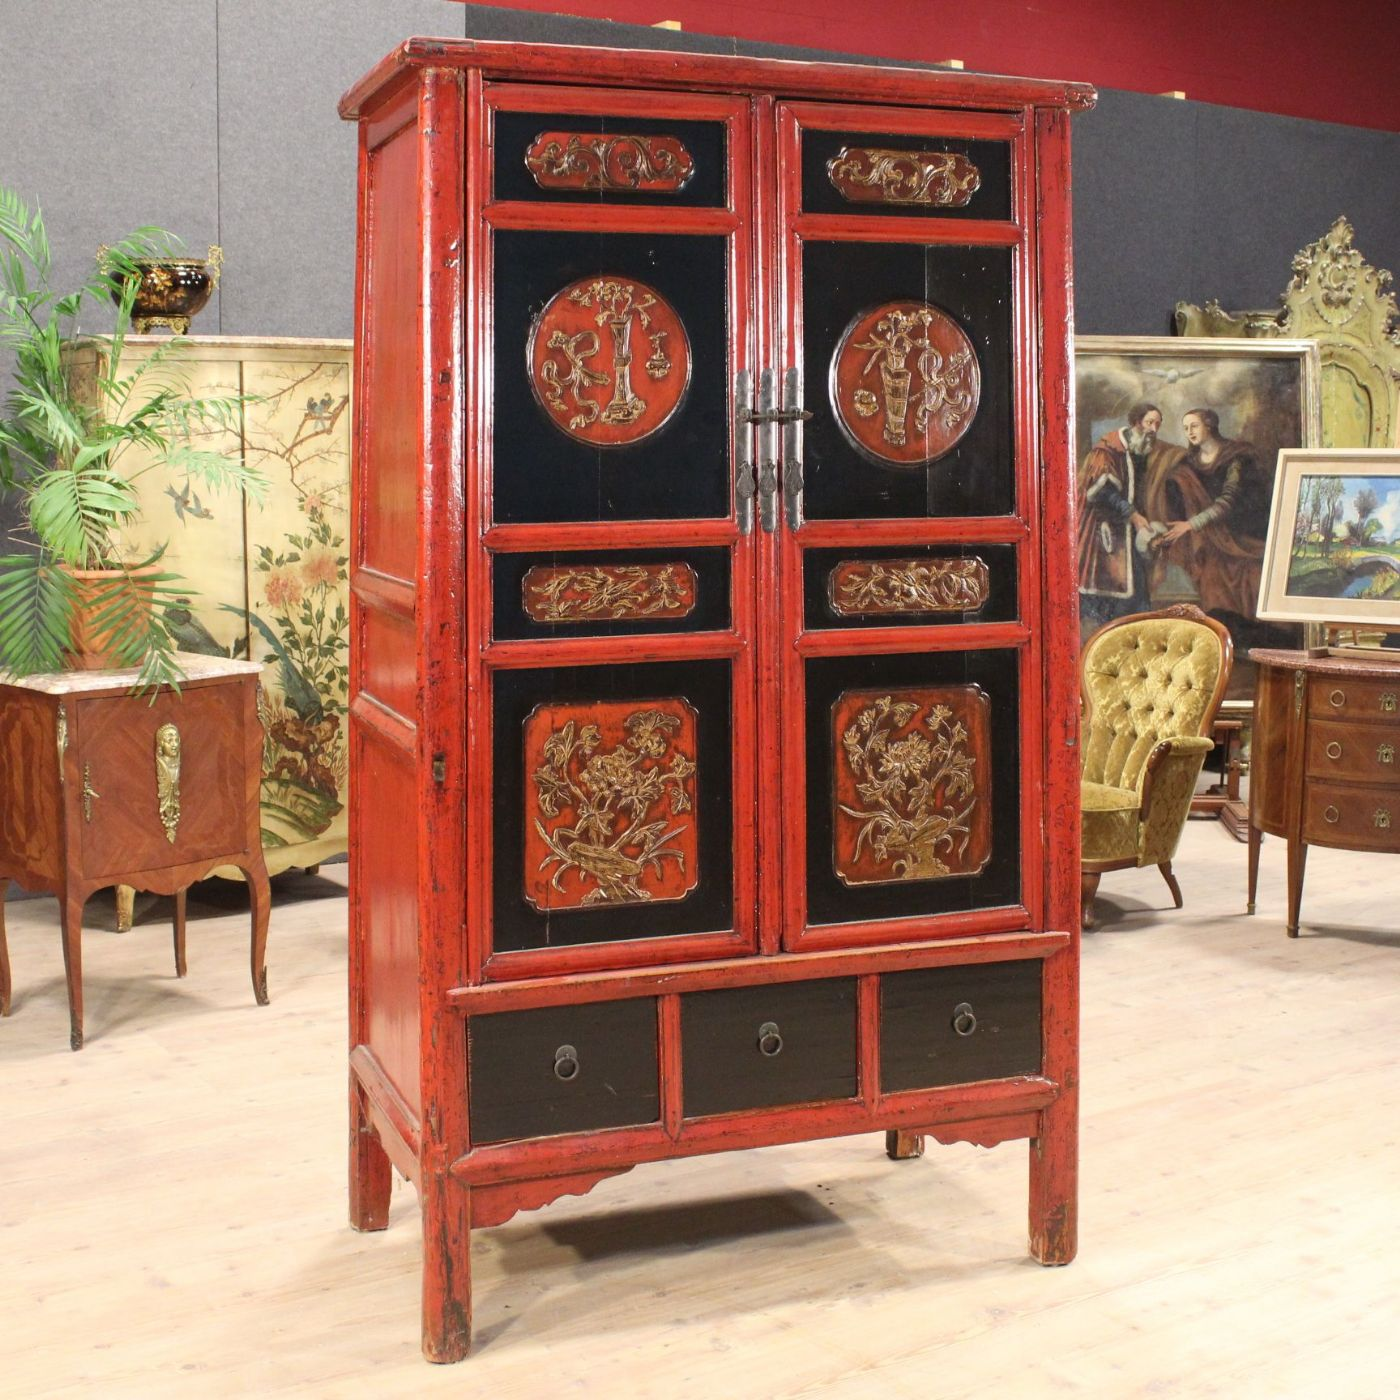 Armadio cinese in legno laccato del xx secolo - Mobili cinesi laccati ...